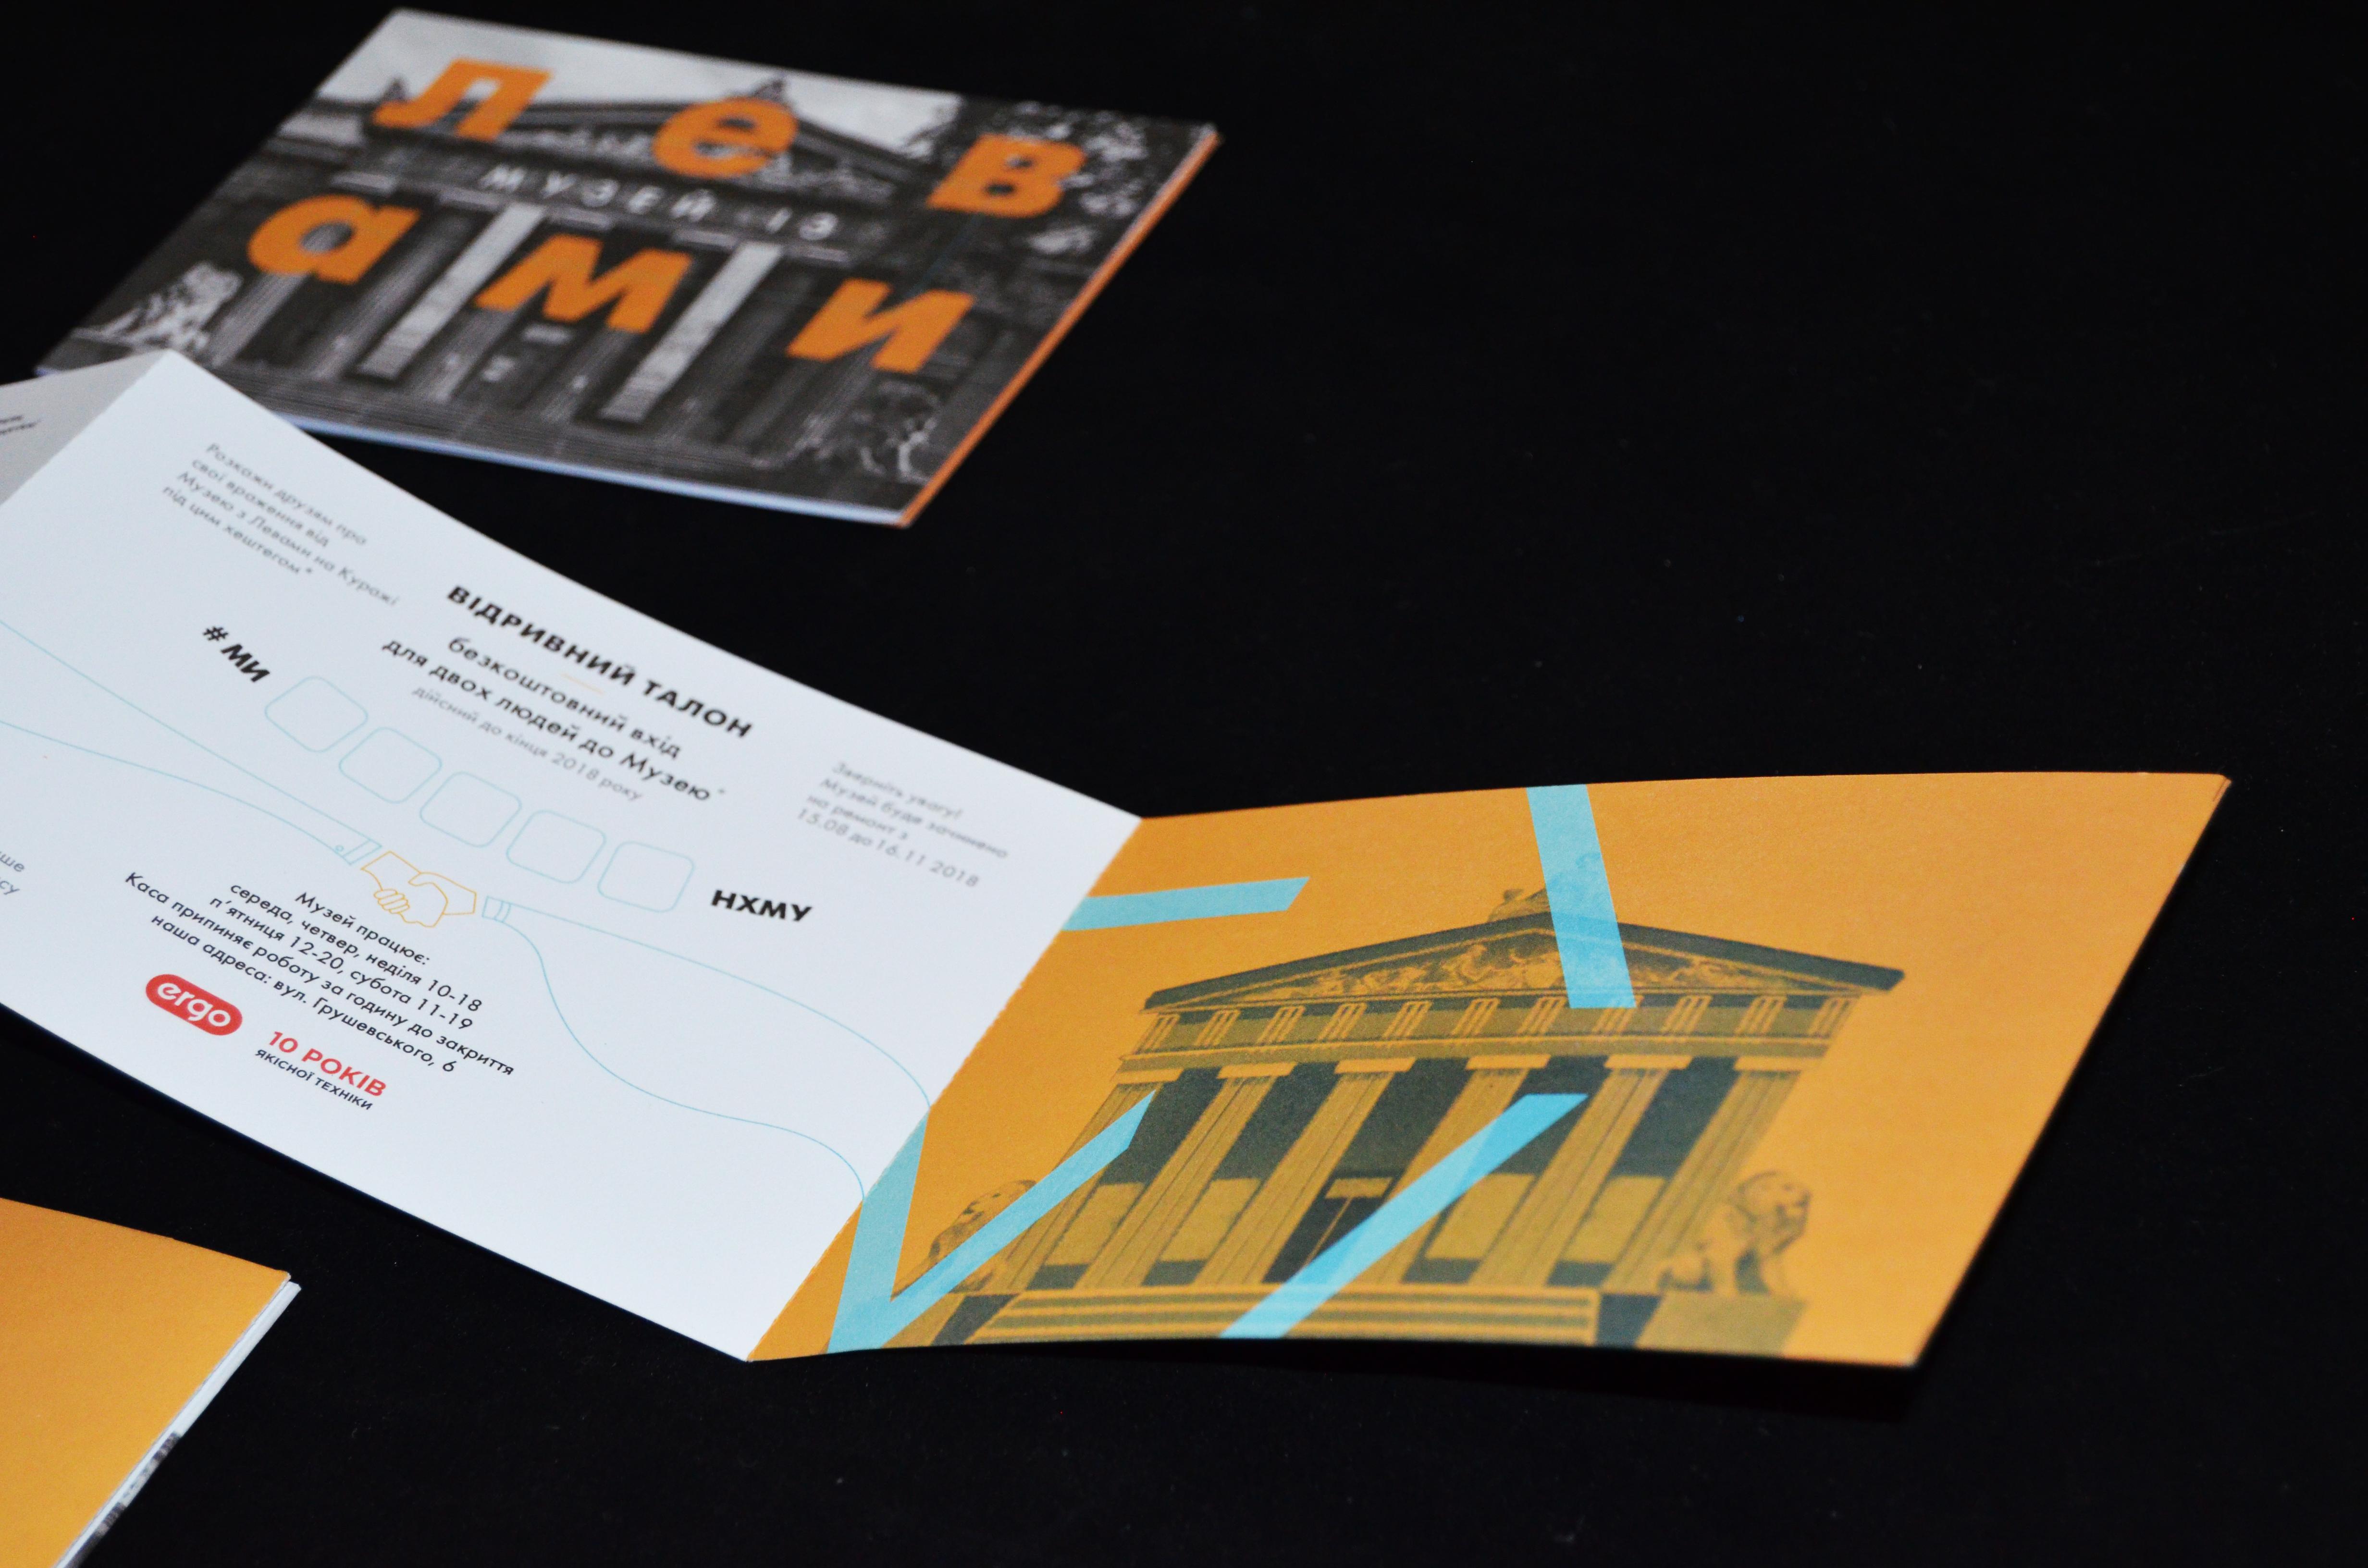 Пройшовши квест користувач зможе використати відривний талон, що дає право на безкоштовне відвідування музею